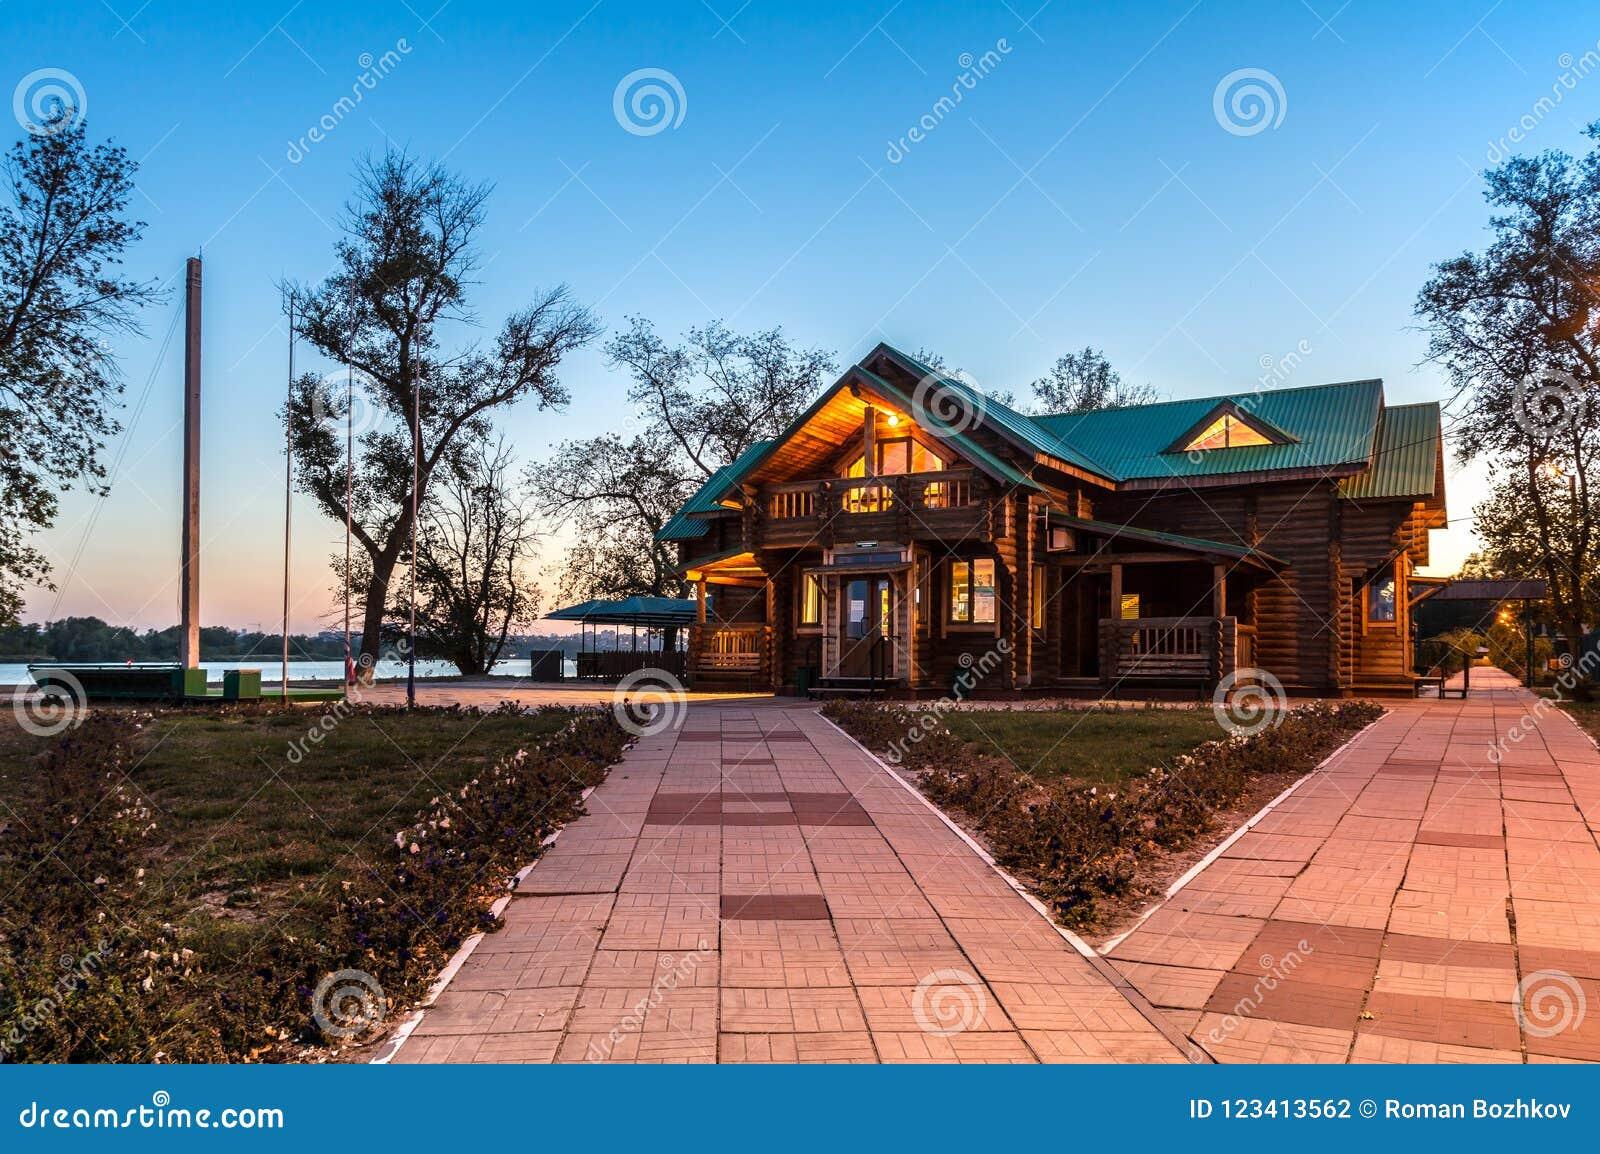 Het blokhuis van het land met verlichting en groen dak op de achtergrond van de avond blauwe hemel